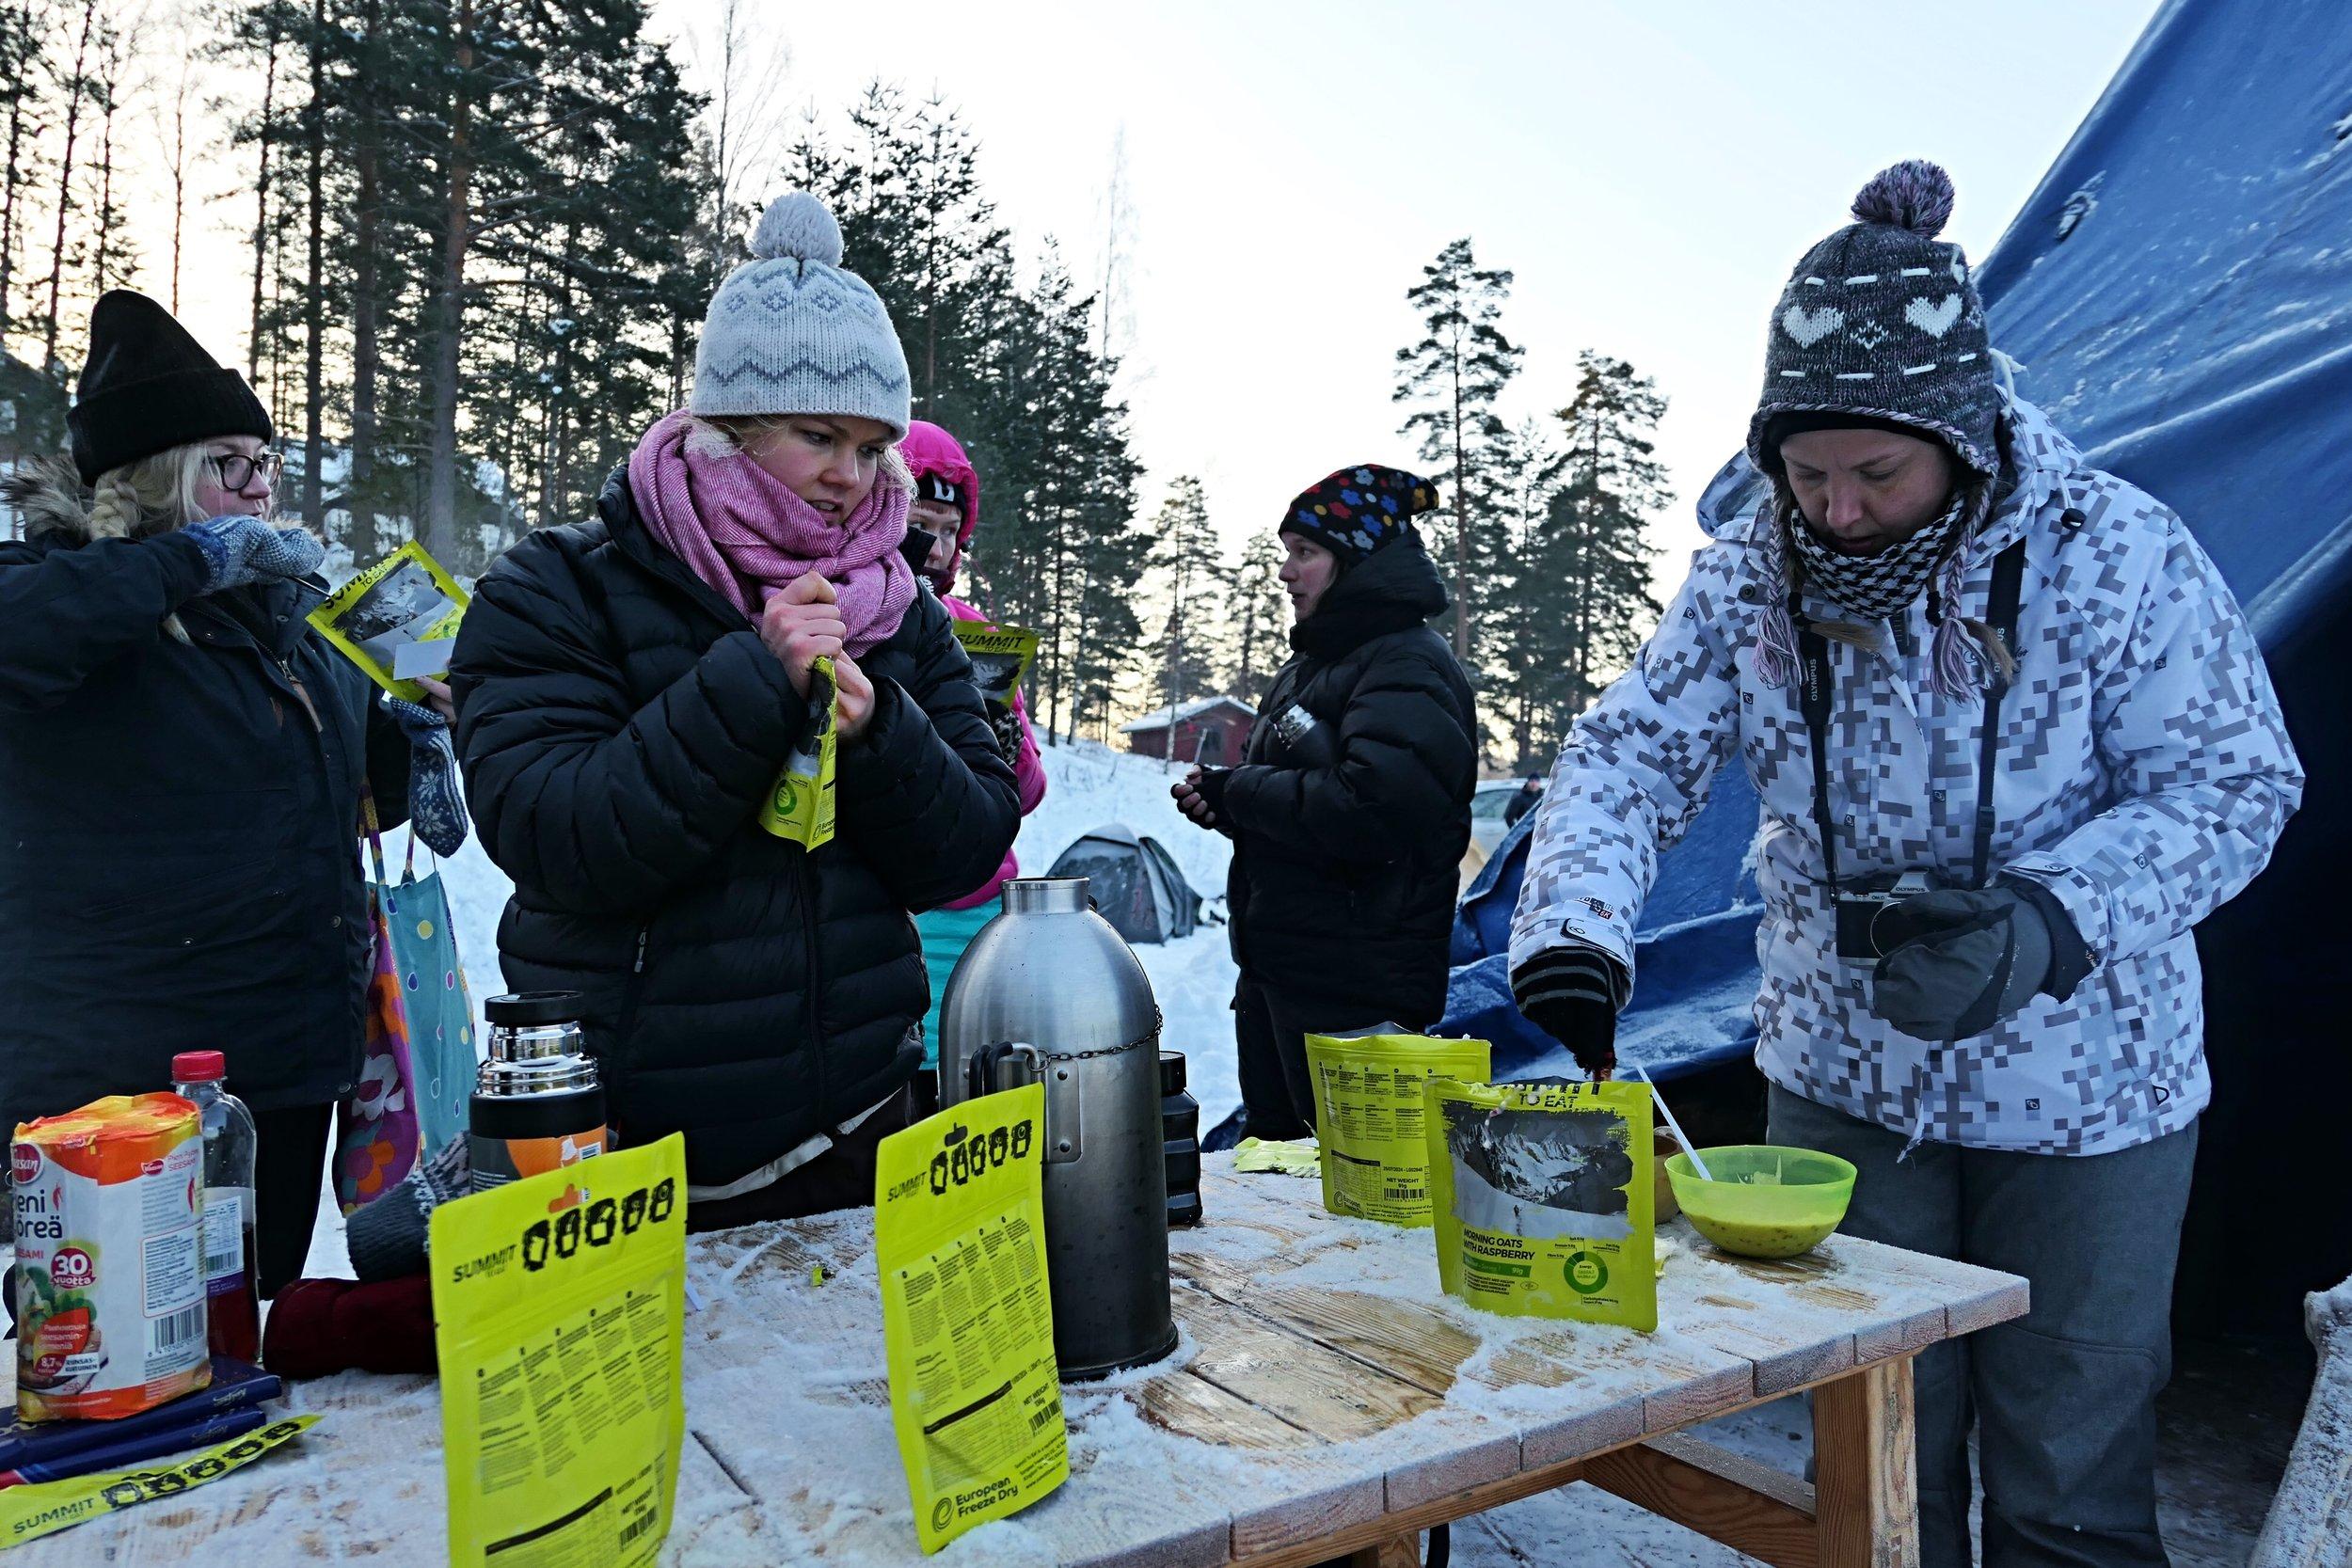 Aamu kokosi myös Suomen Erätaito ry:n vieraina olleet bloggarit aamupalalle. Hawu-teltoissa viettyn lämpimän yön jälkeen maistui Summit to Eatin marjoilla höystetty aamupuuro.